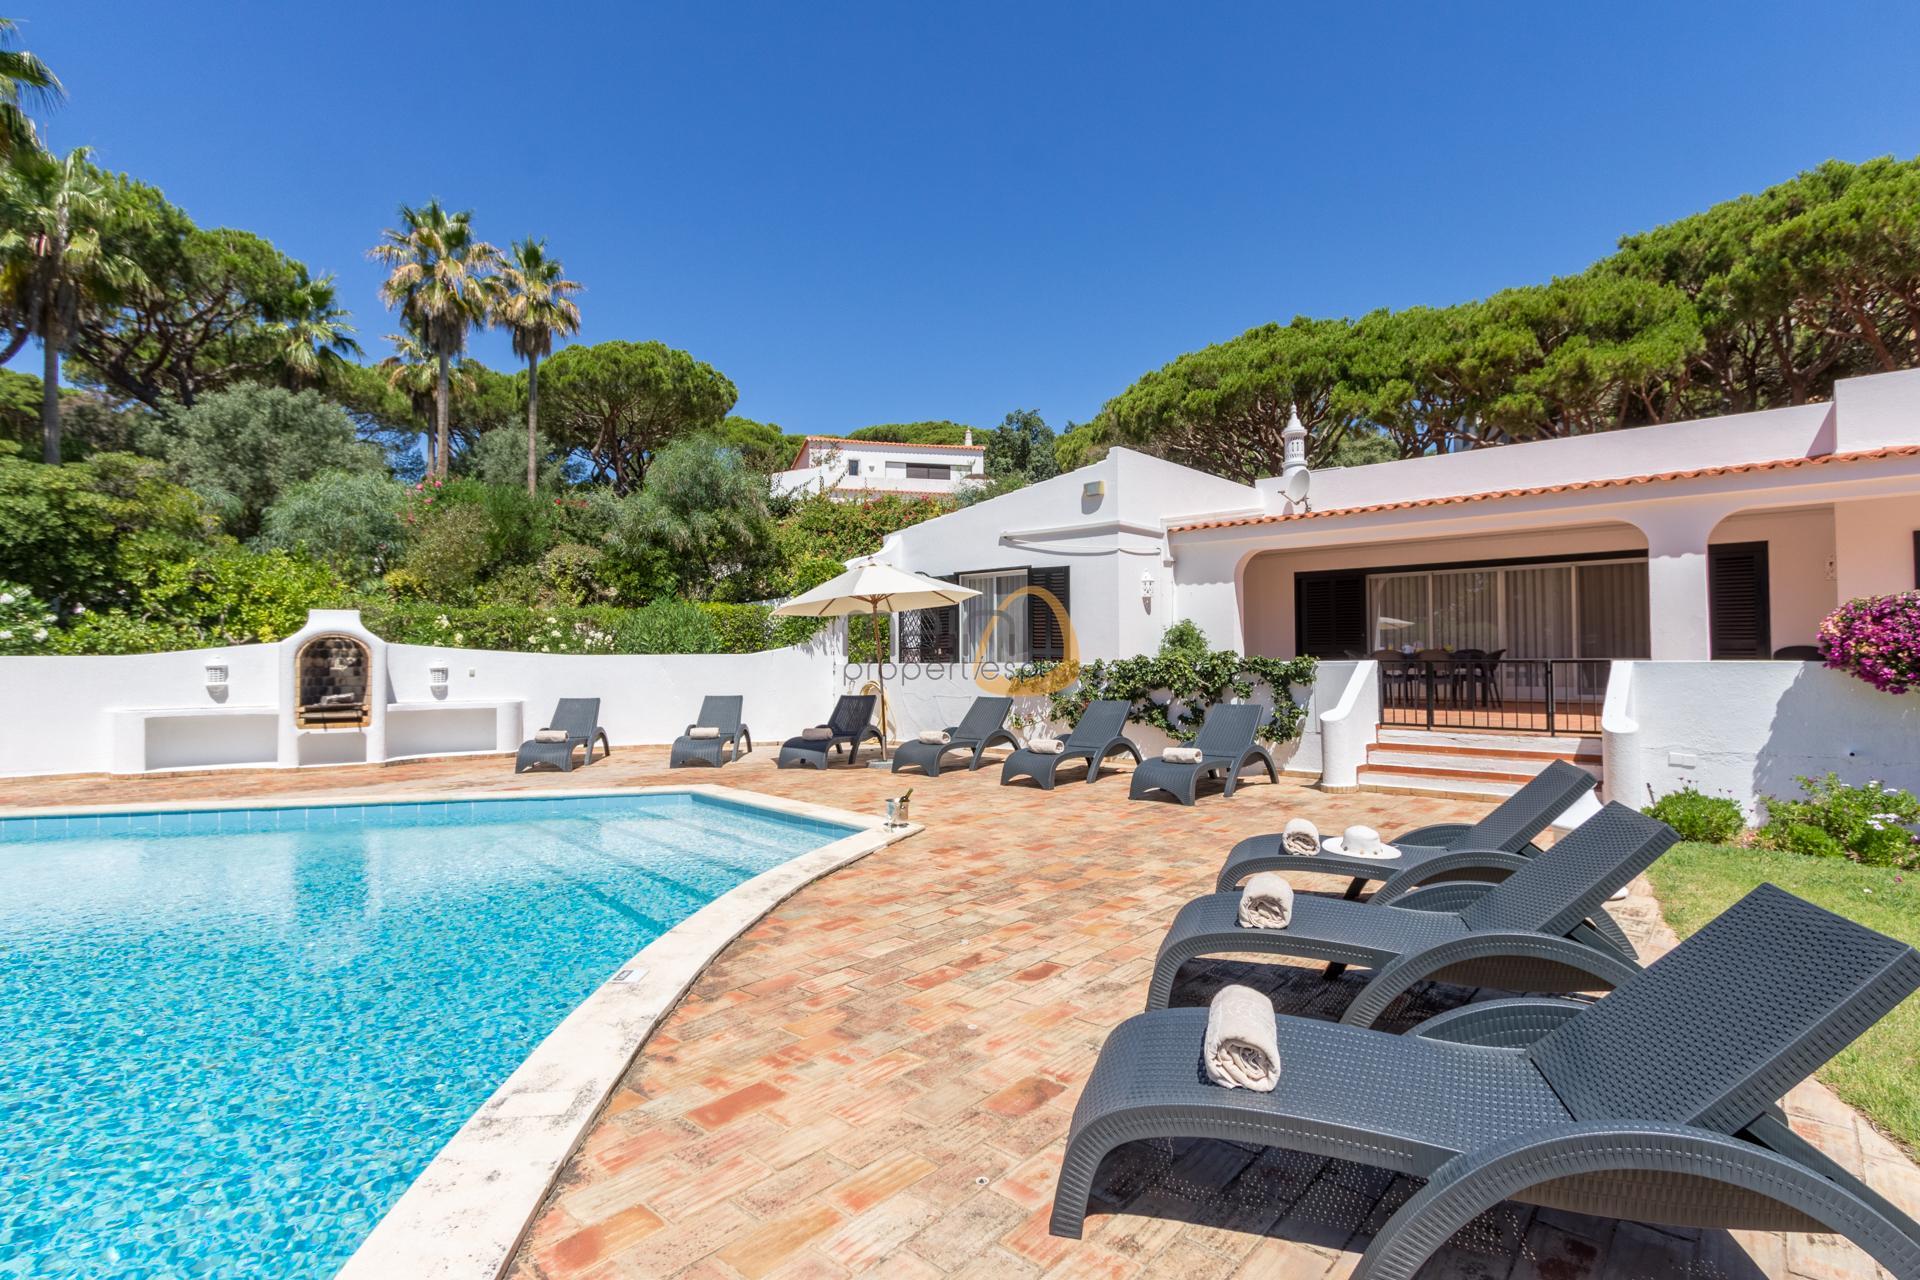 villa-in-vale-do-lobo-algarve-golden-triangle-portugal-property-real-estate-mainproperties-mp139vdl-1